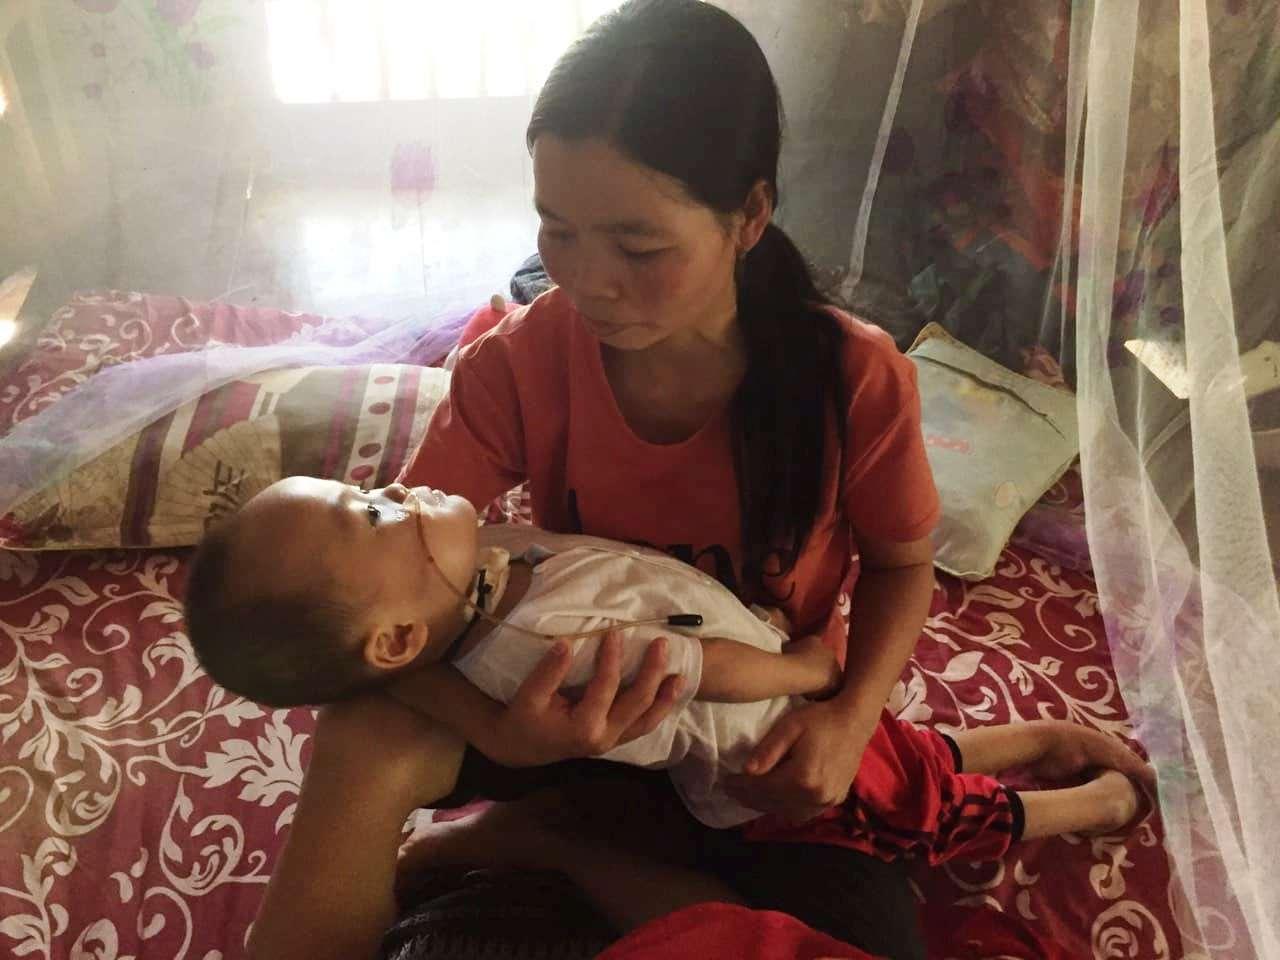 Bé trai ngộ độc đến bại liệt khi đang cầm cự chiến đấu với ung thư máu